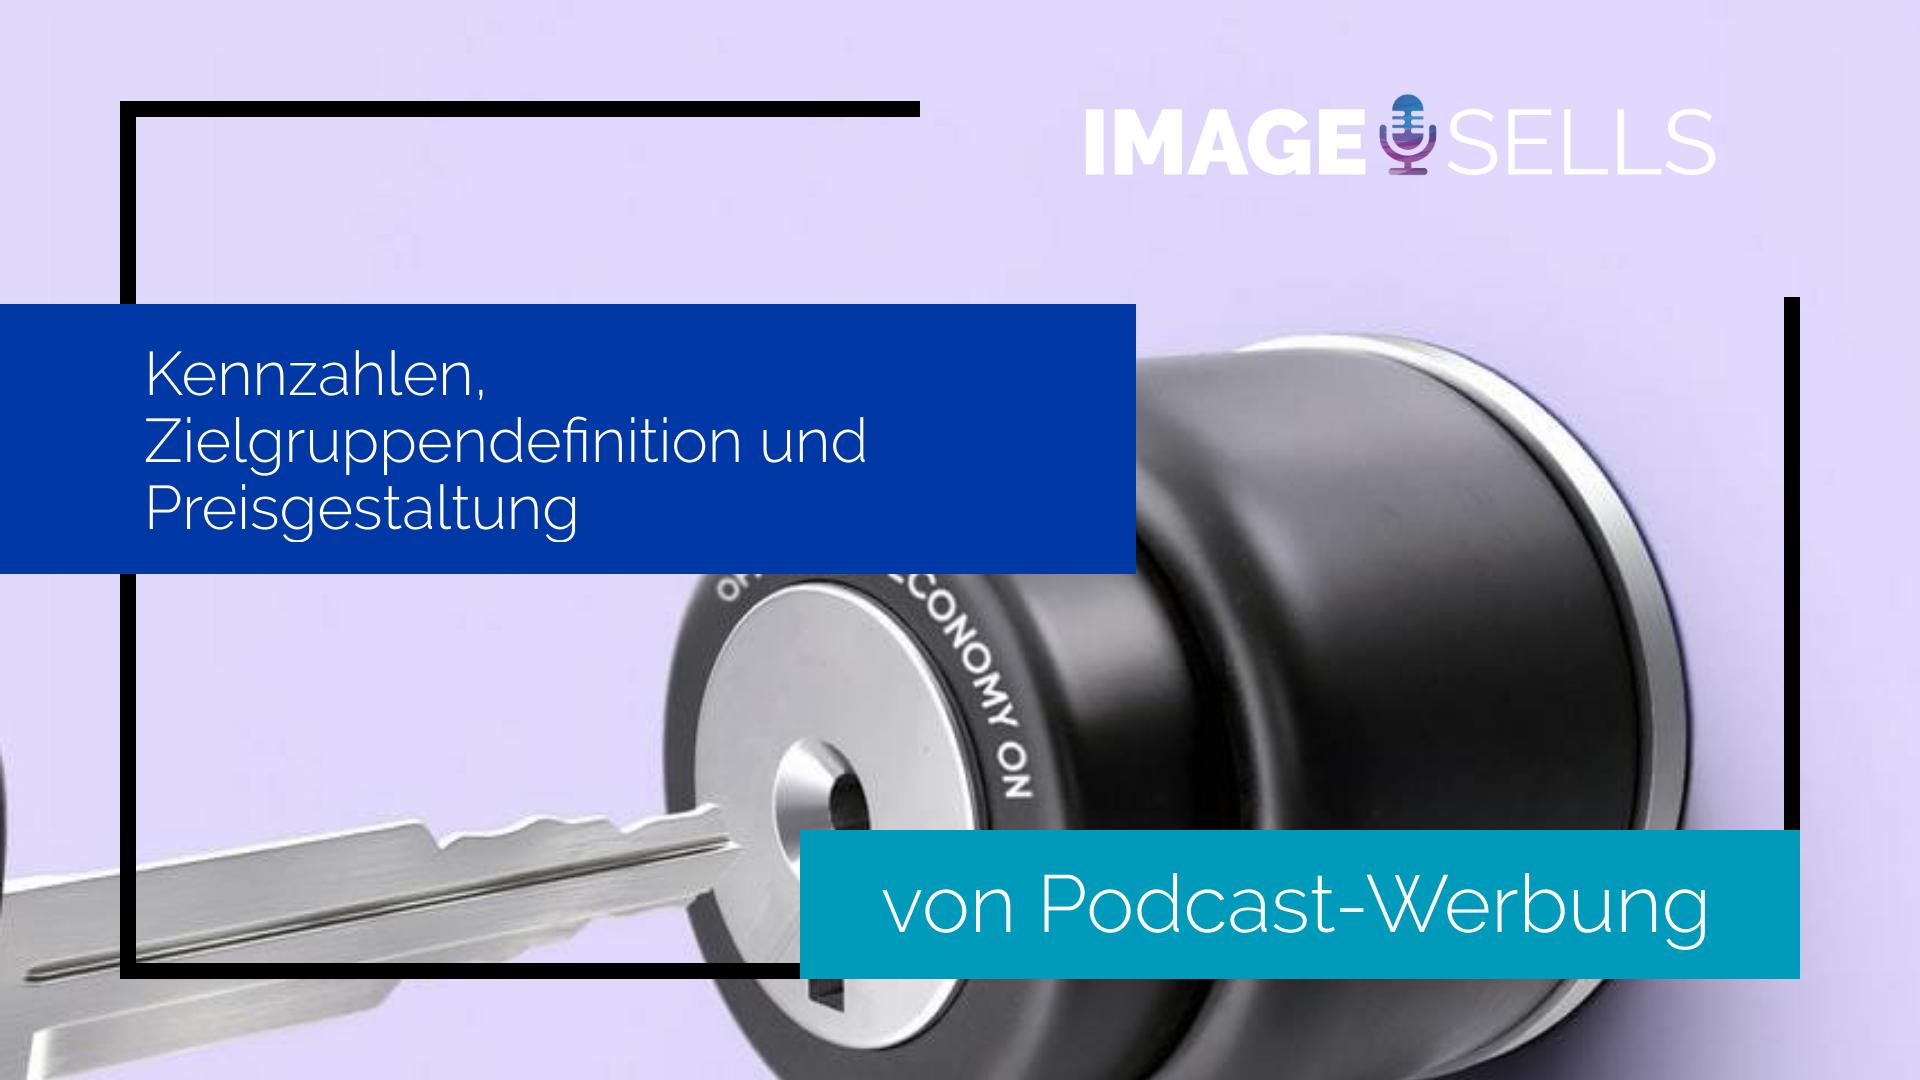 Kennzahlen, Zielgruppendefinition, Preisgestaltung von Podcast Werbung